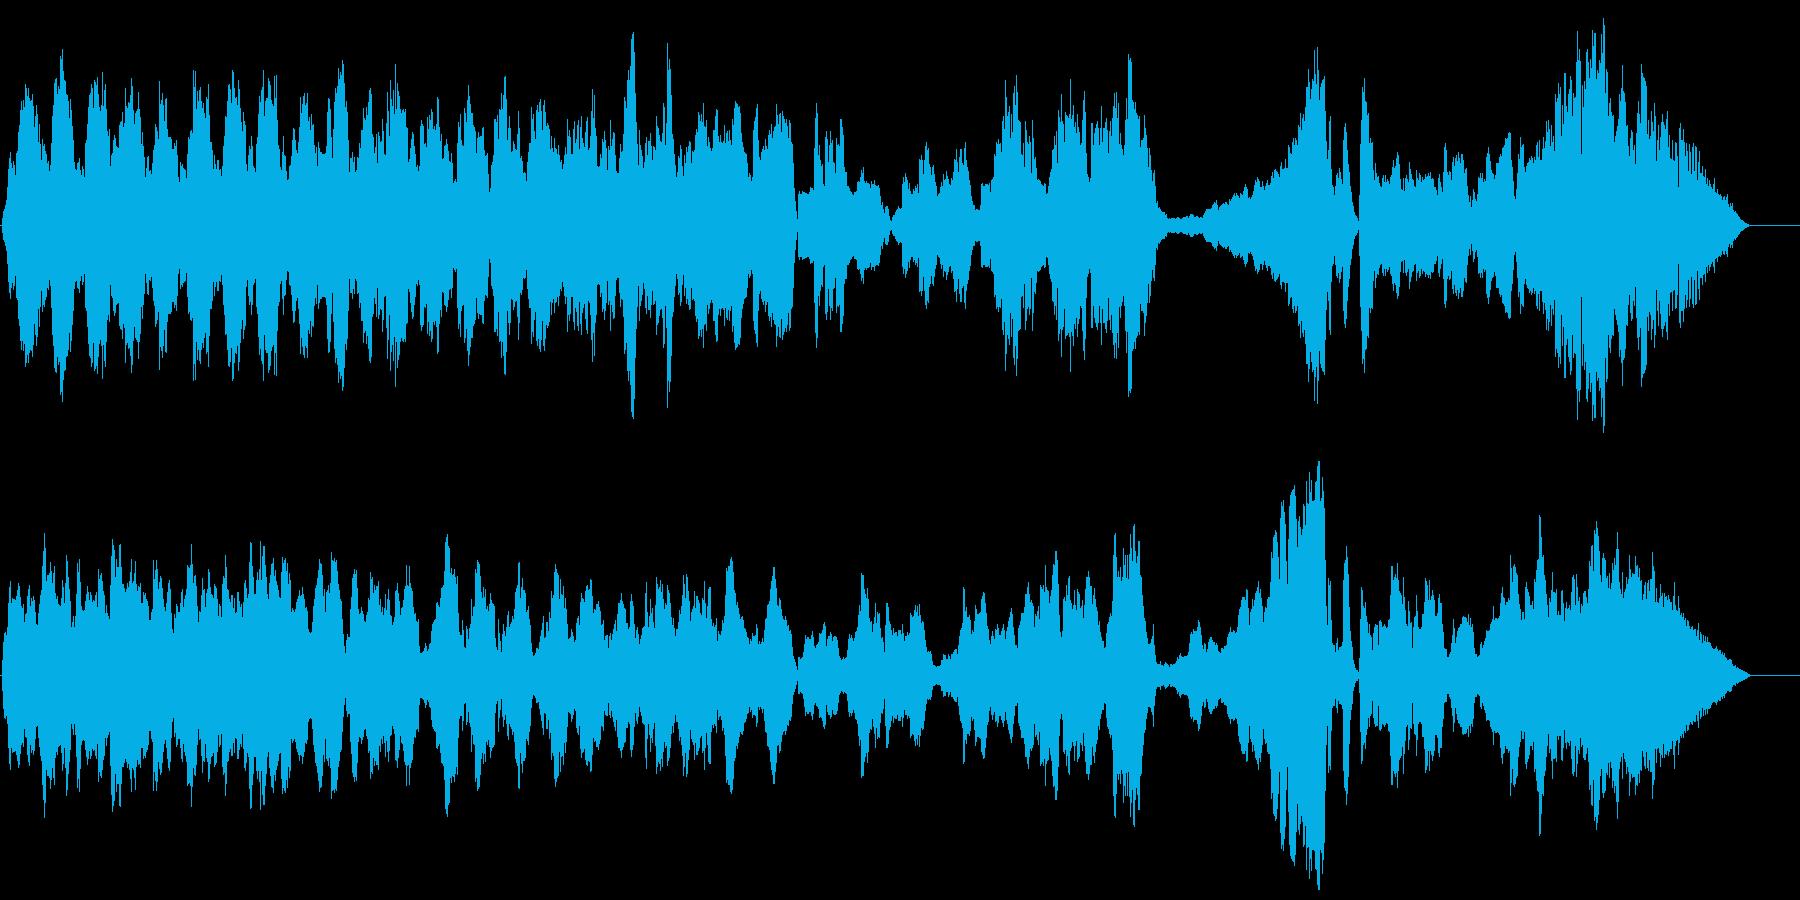 木管五重奏のための揺らぎの再生済みの波形